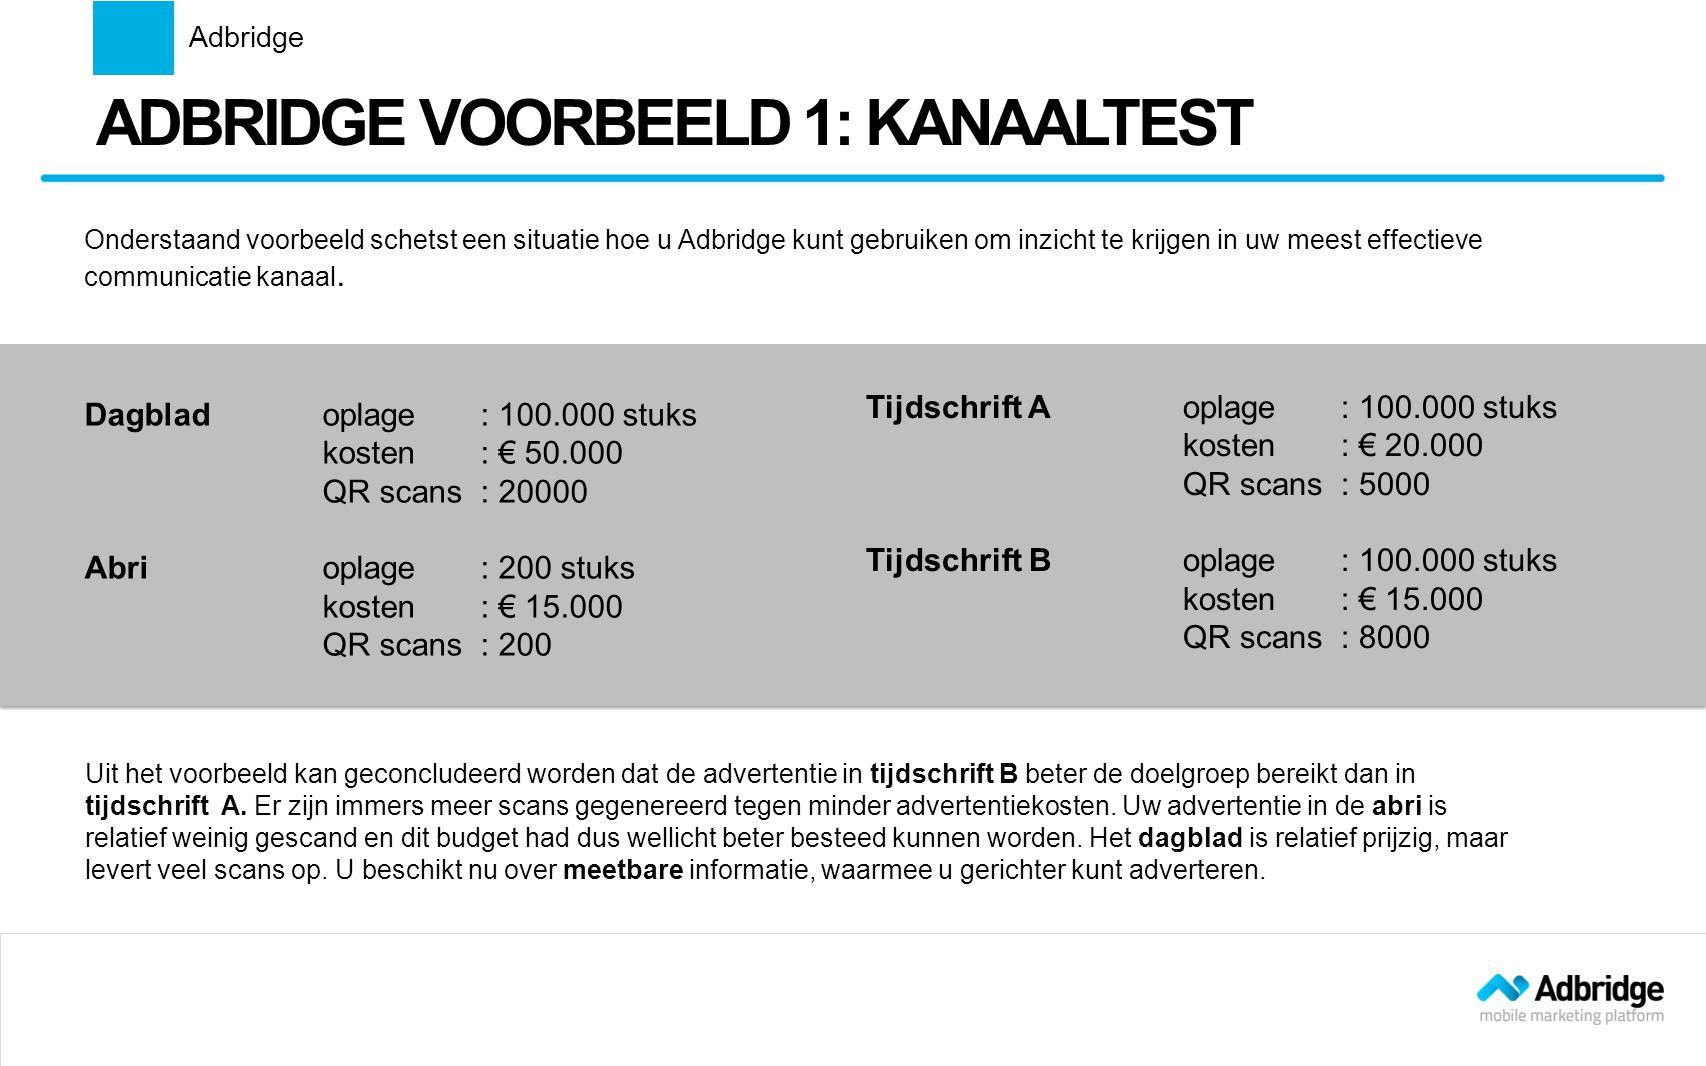 ADBRIDGE VOORBEELD 1: KANAALTEST Dagbladoplage: 100.000 stuks kosten : € 50.000 QR scans: 20000 Abrioplage: 200 stuks kosten: € 15.000 QR scans: 200 Tijdschrift Aoplage: 100.000 stuks kosten: € 20.000 QR scans: 5000 Tijdschrift Boplage: 100.000 stuks kosten: € 15.000 QR scans: 8000 Onderstaand voorbeeld schetst een situatie hoe u Adbridge kunt gebruiken om inzicht te krijgen in uw meest effectieve communicatie kanaal.